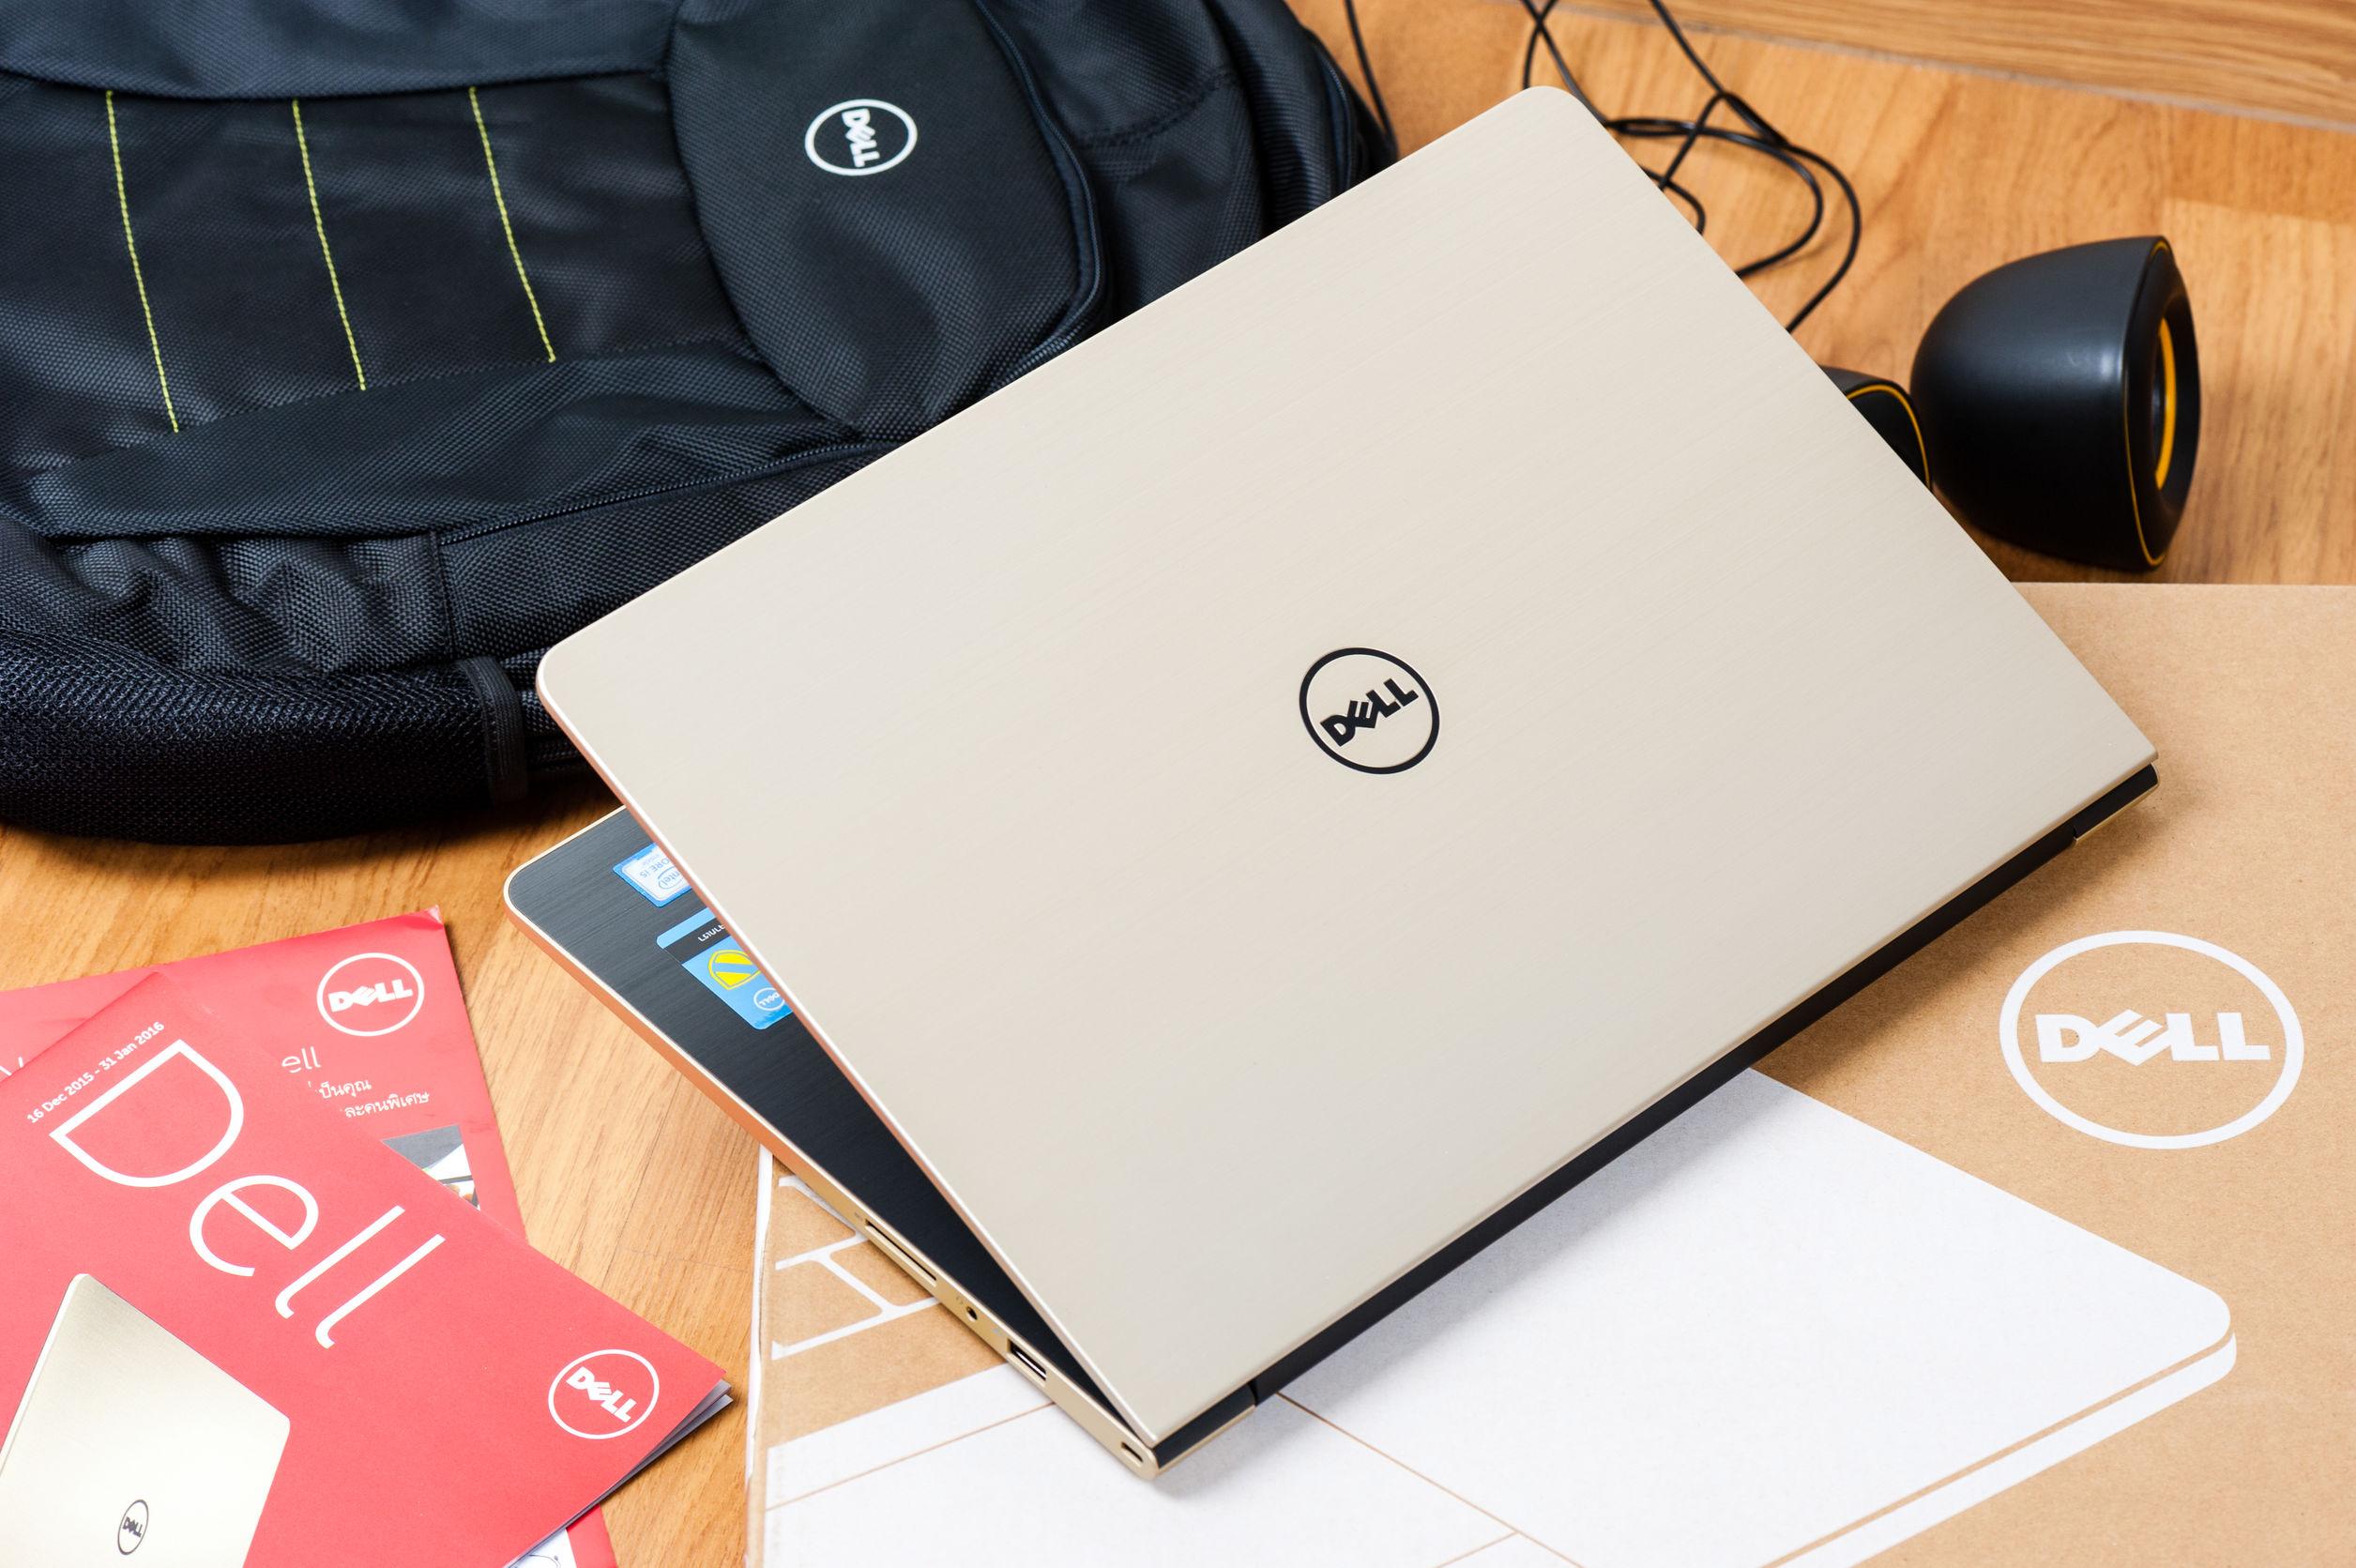 Dell Laptop: Test & Empfehlungen (01/20)